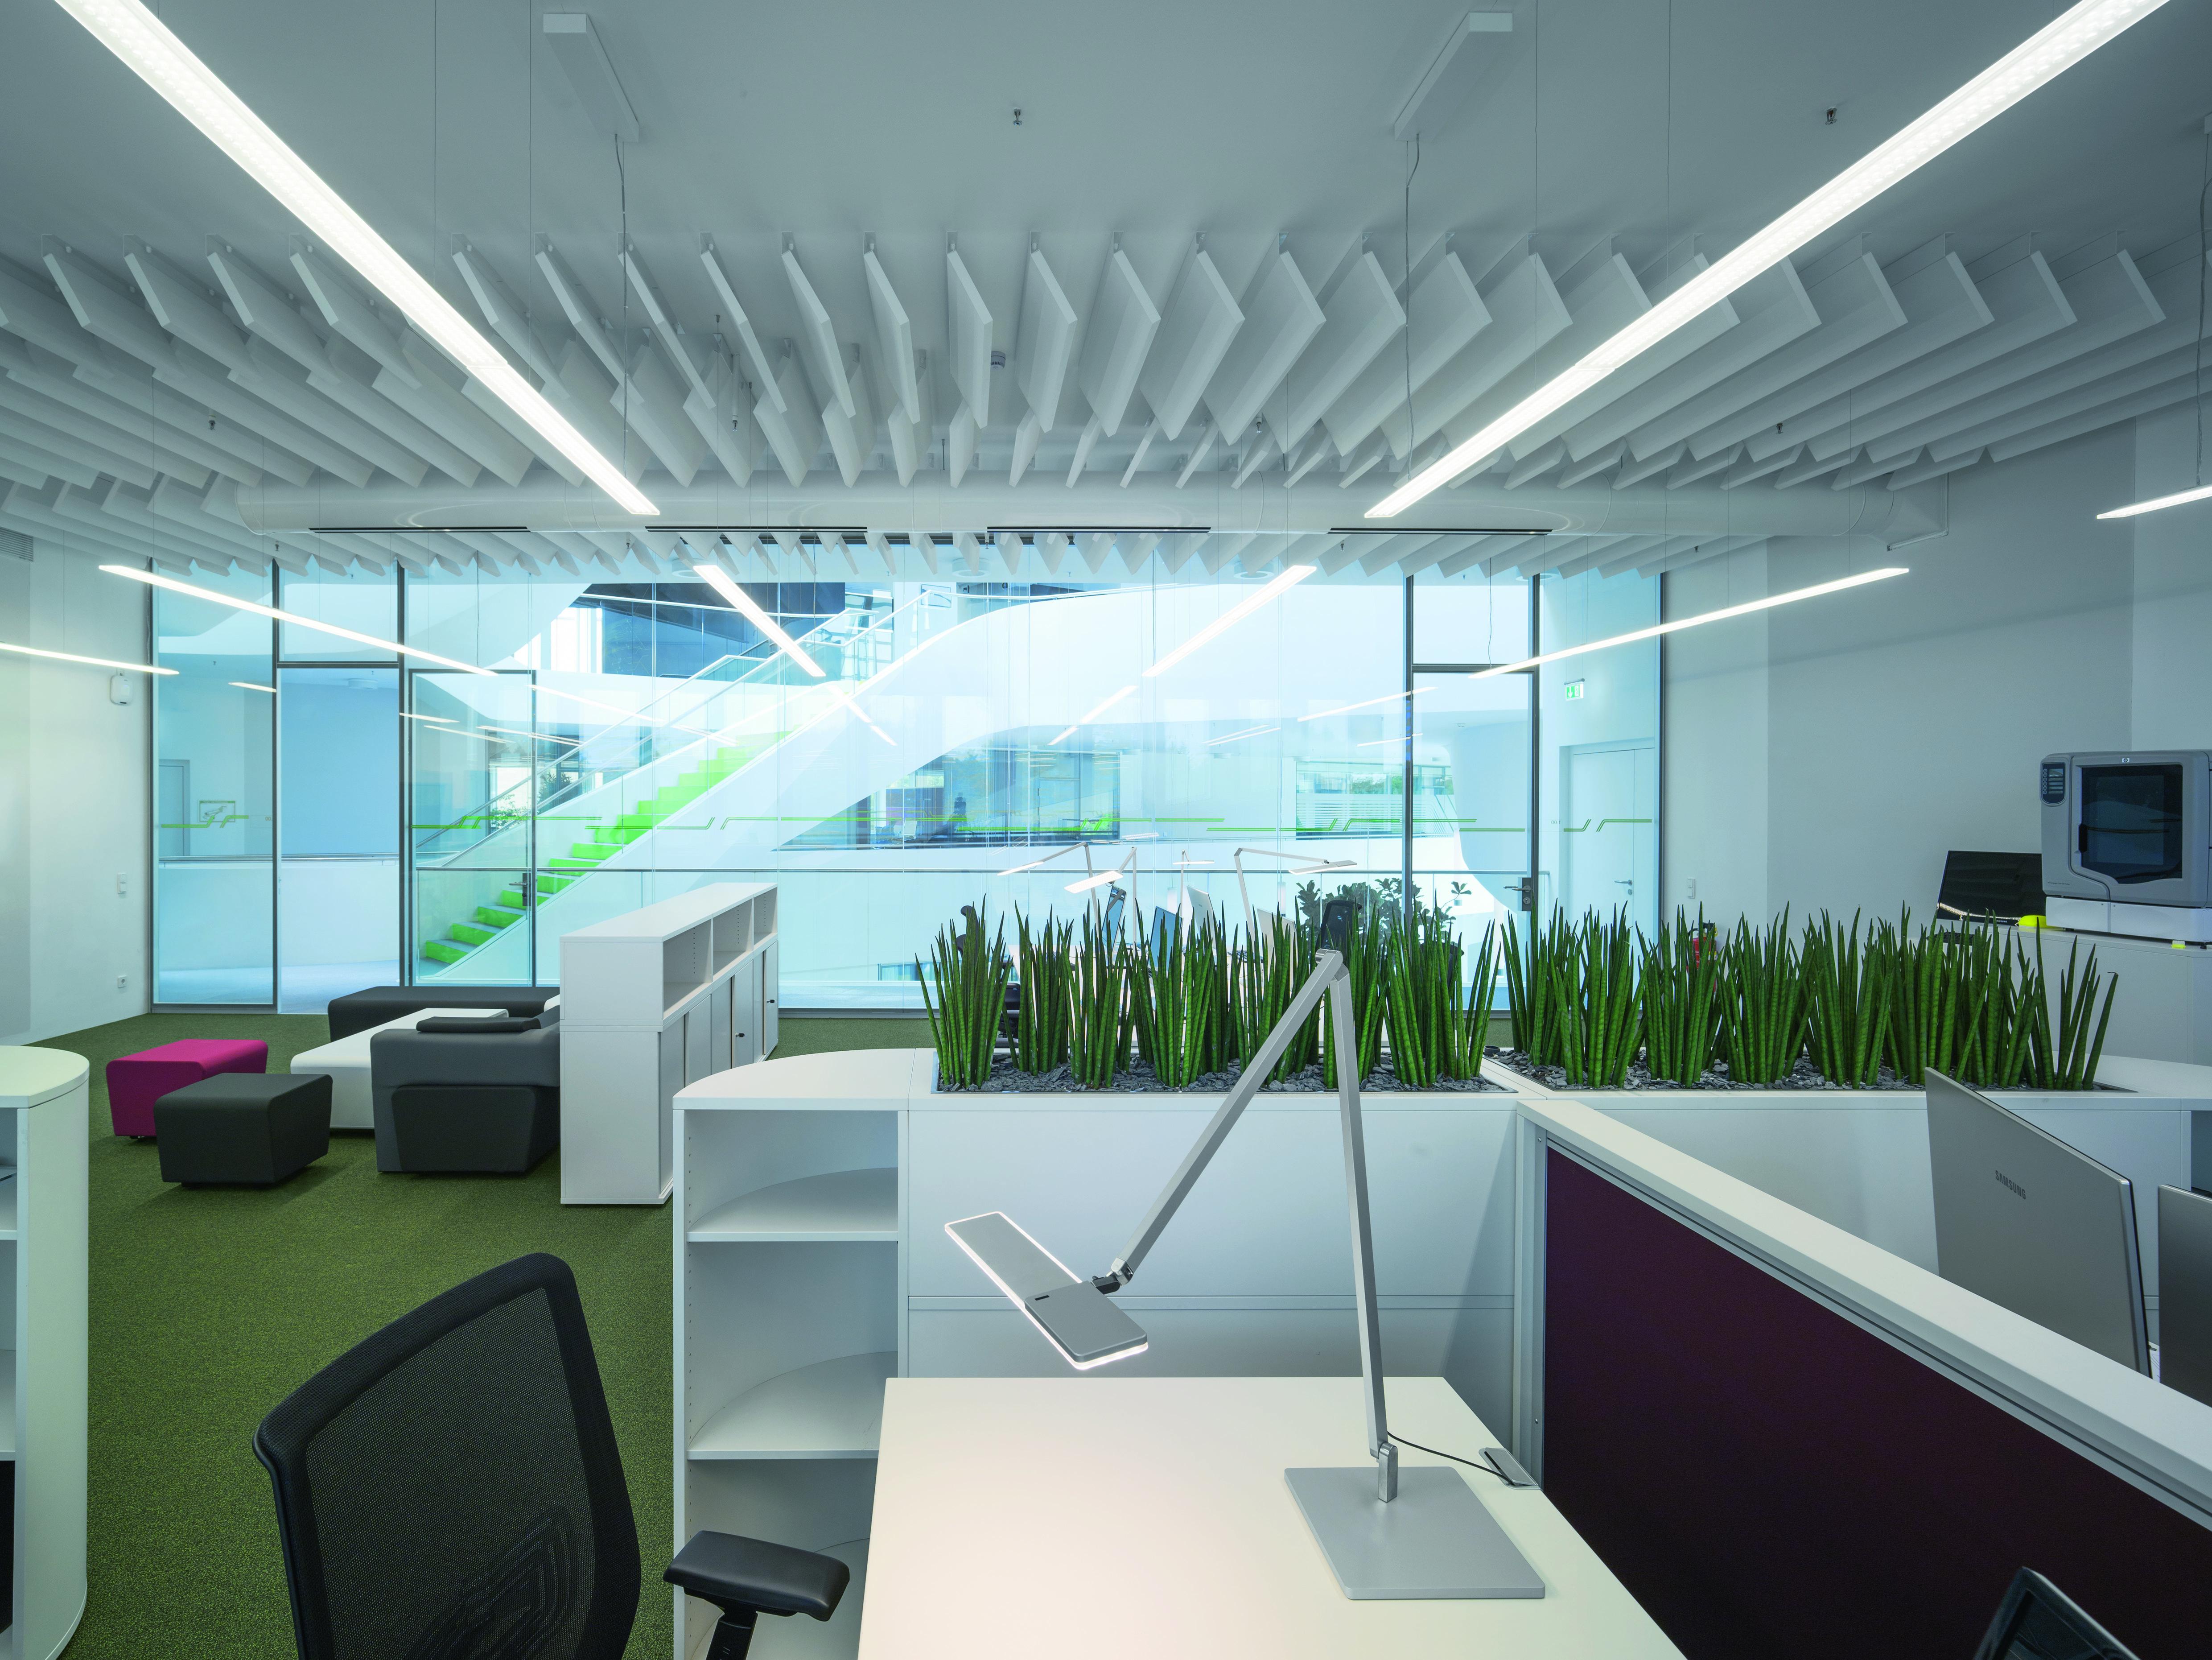 Fra sostenibilità e tecnologia luce e design